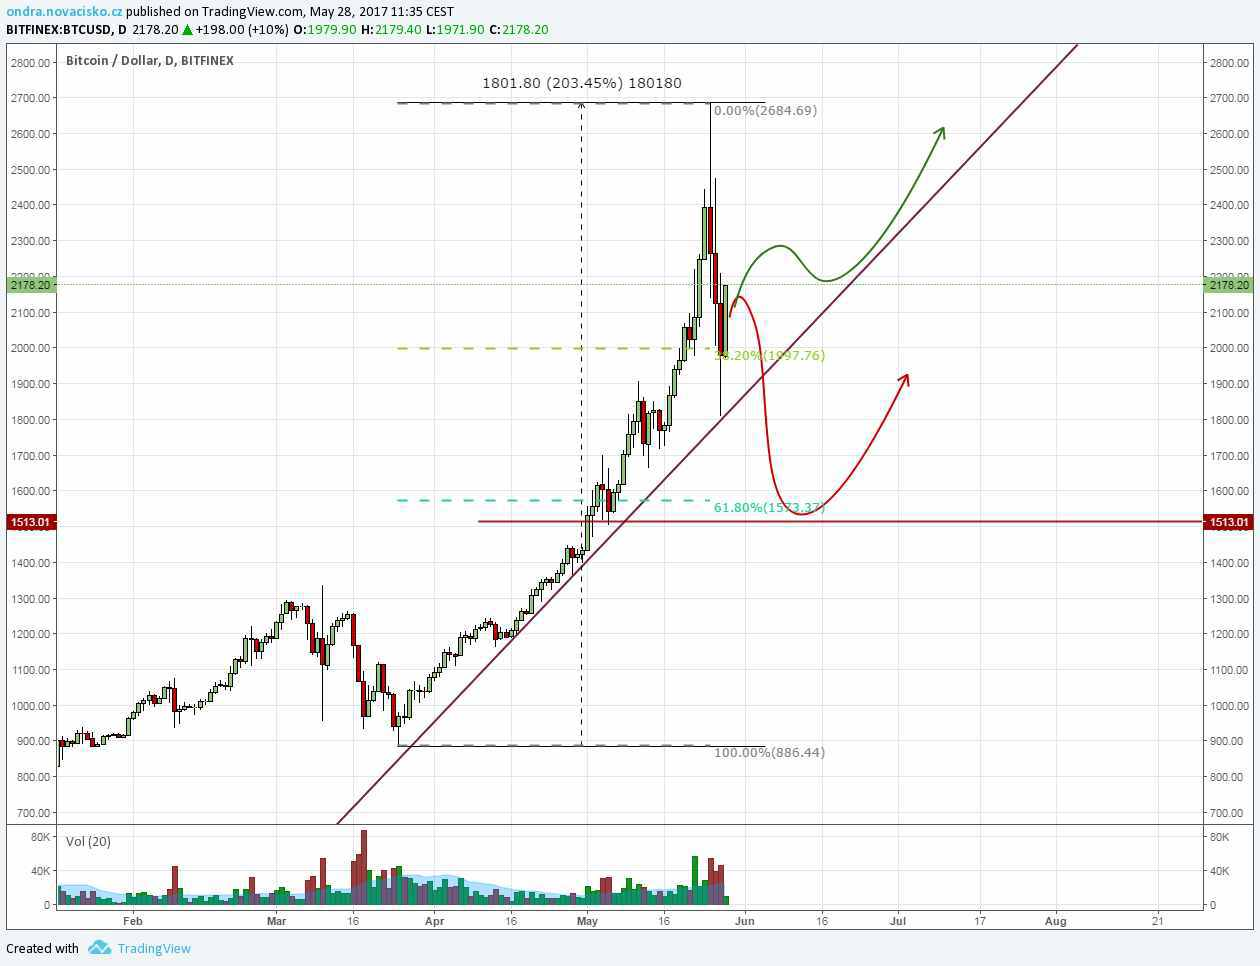 bitcoin kurz analýza květen 2017